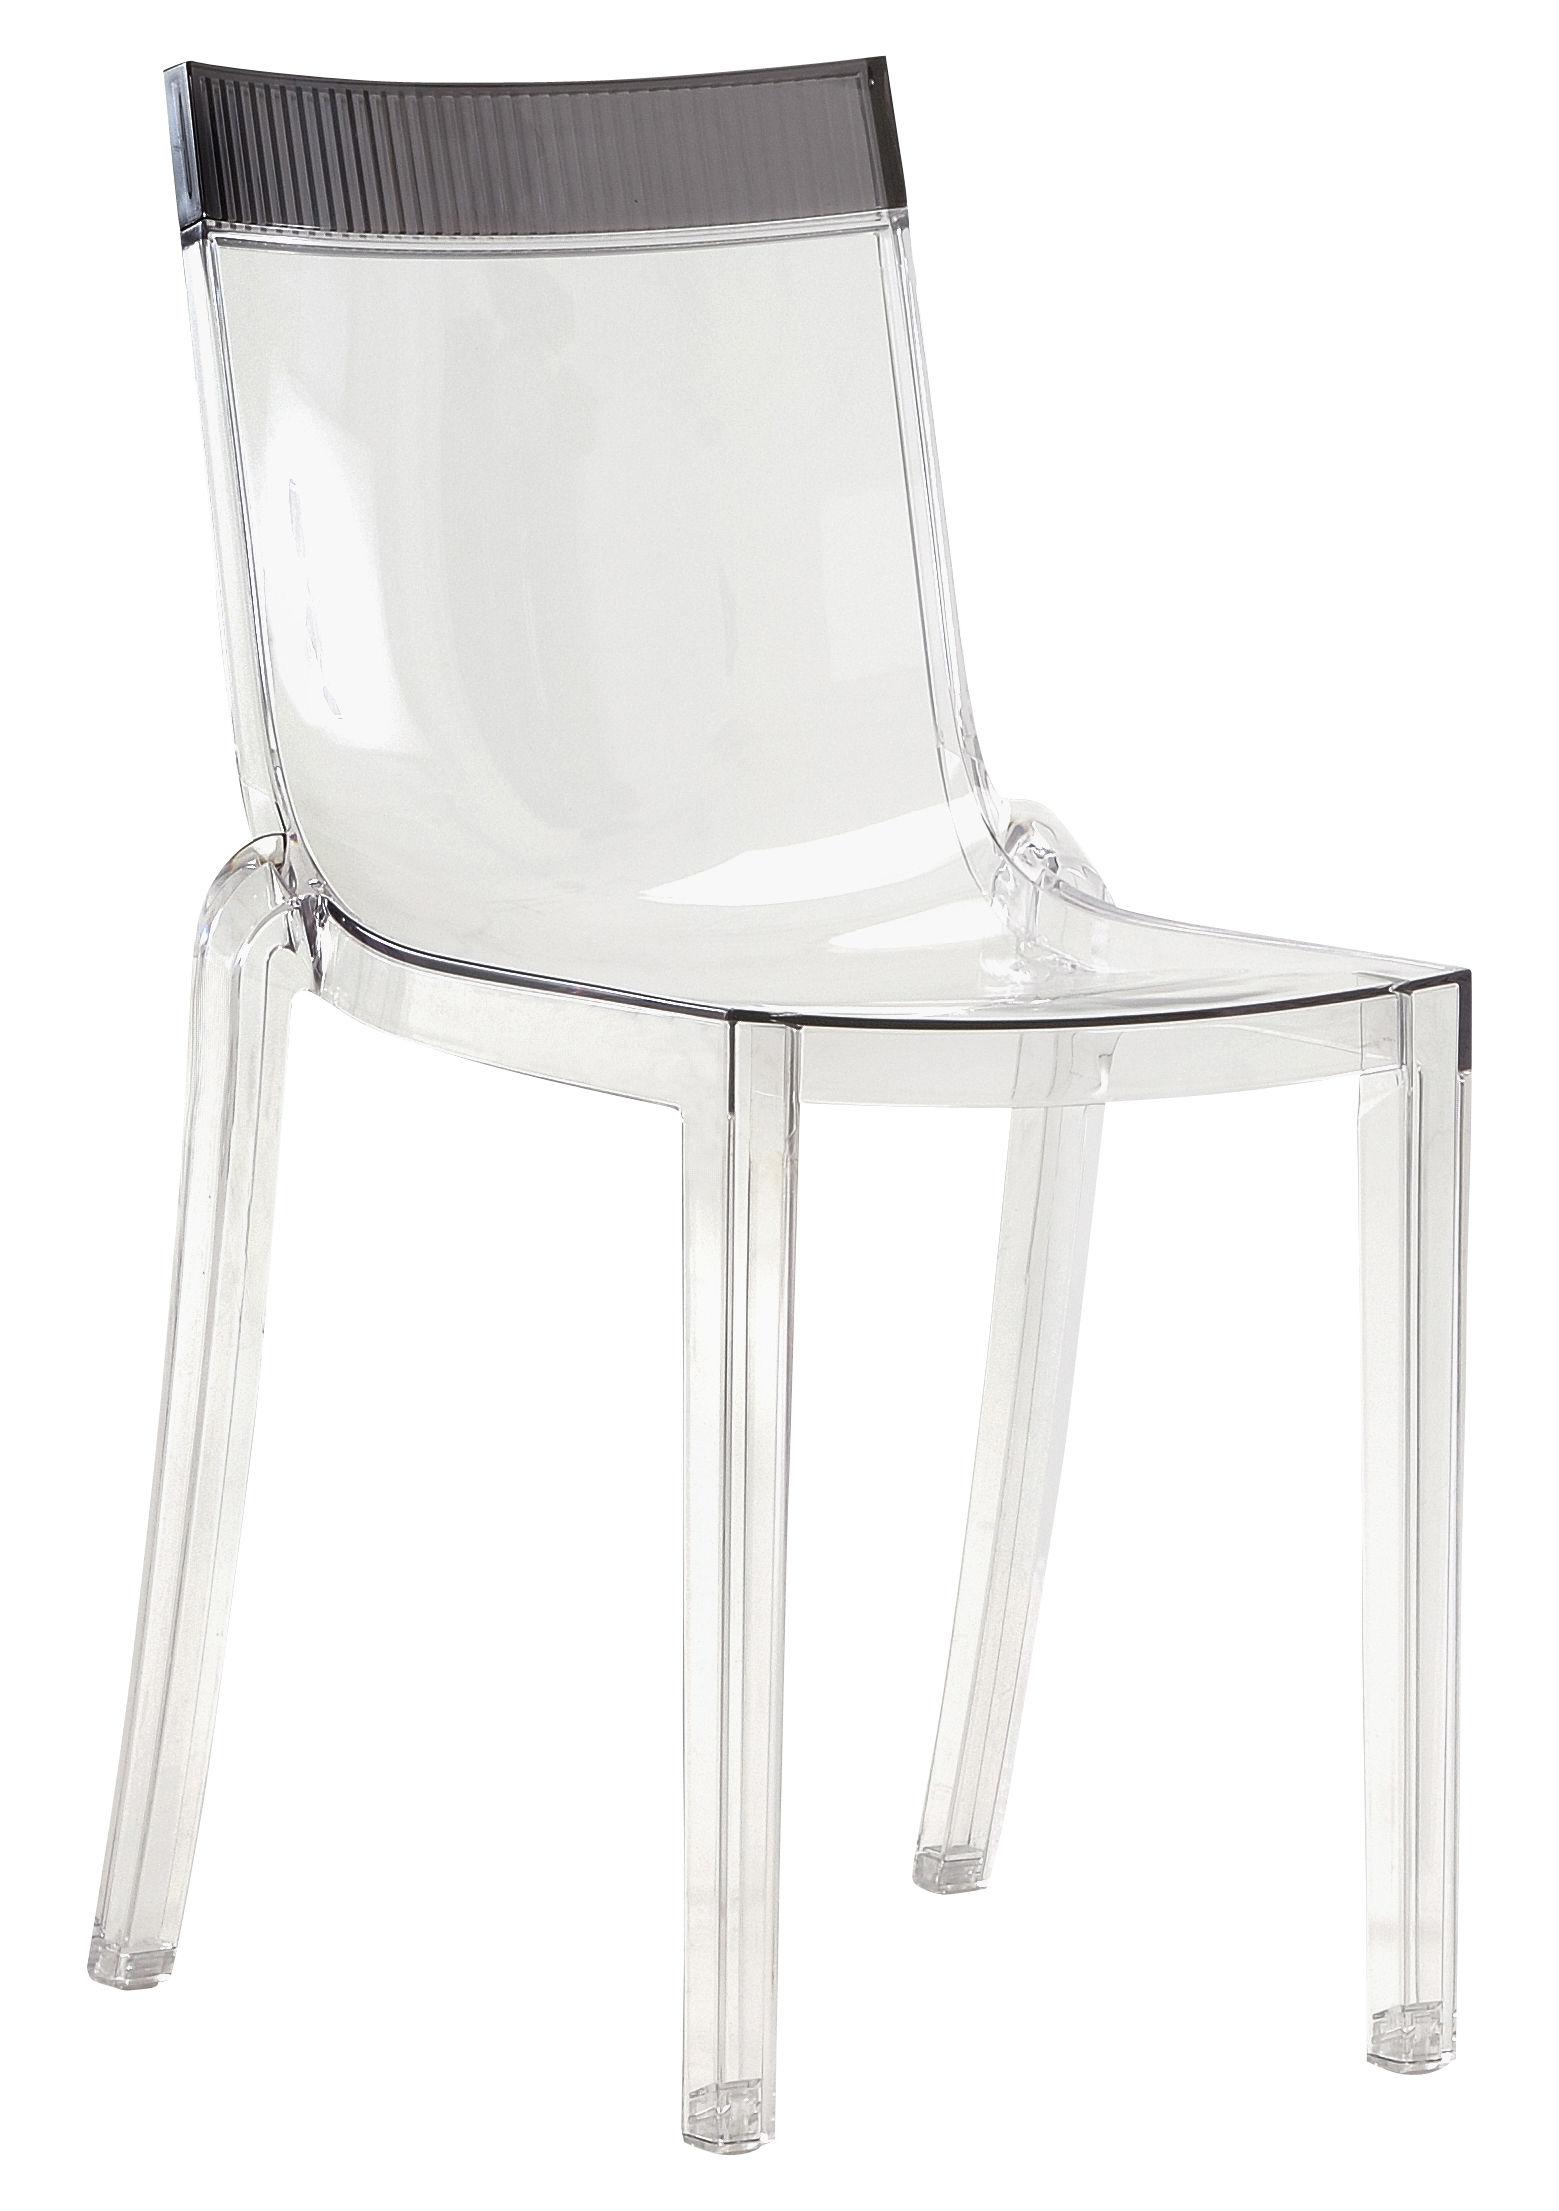 Chaise empilable hi cut transparente polycarbonate cristal orange kartell - Chaise polycarbonate transparente ...